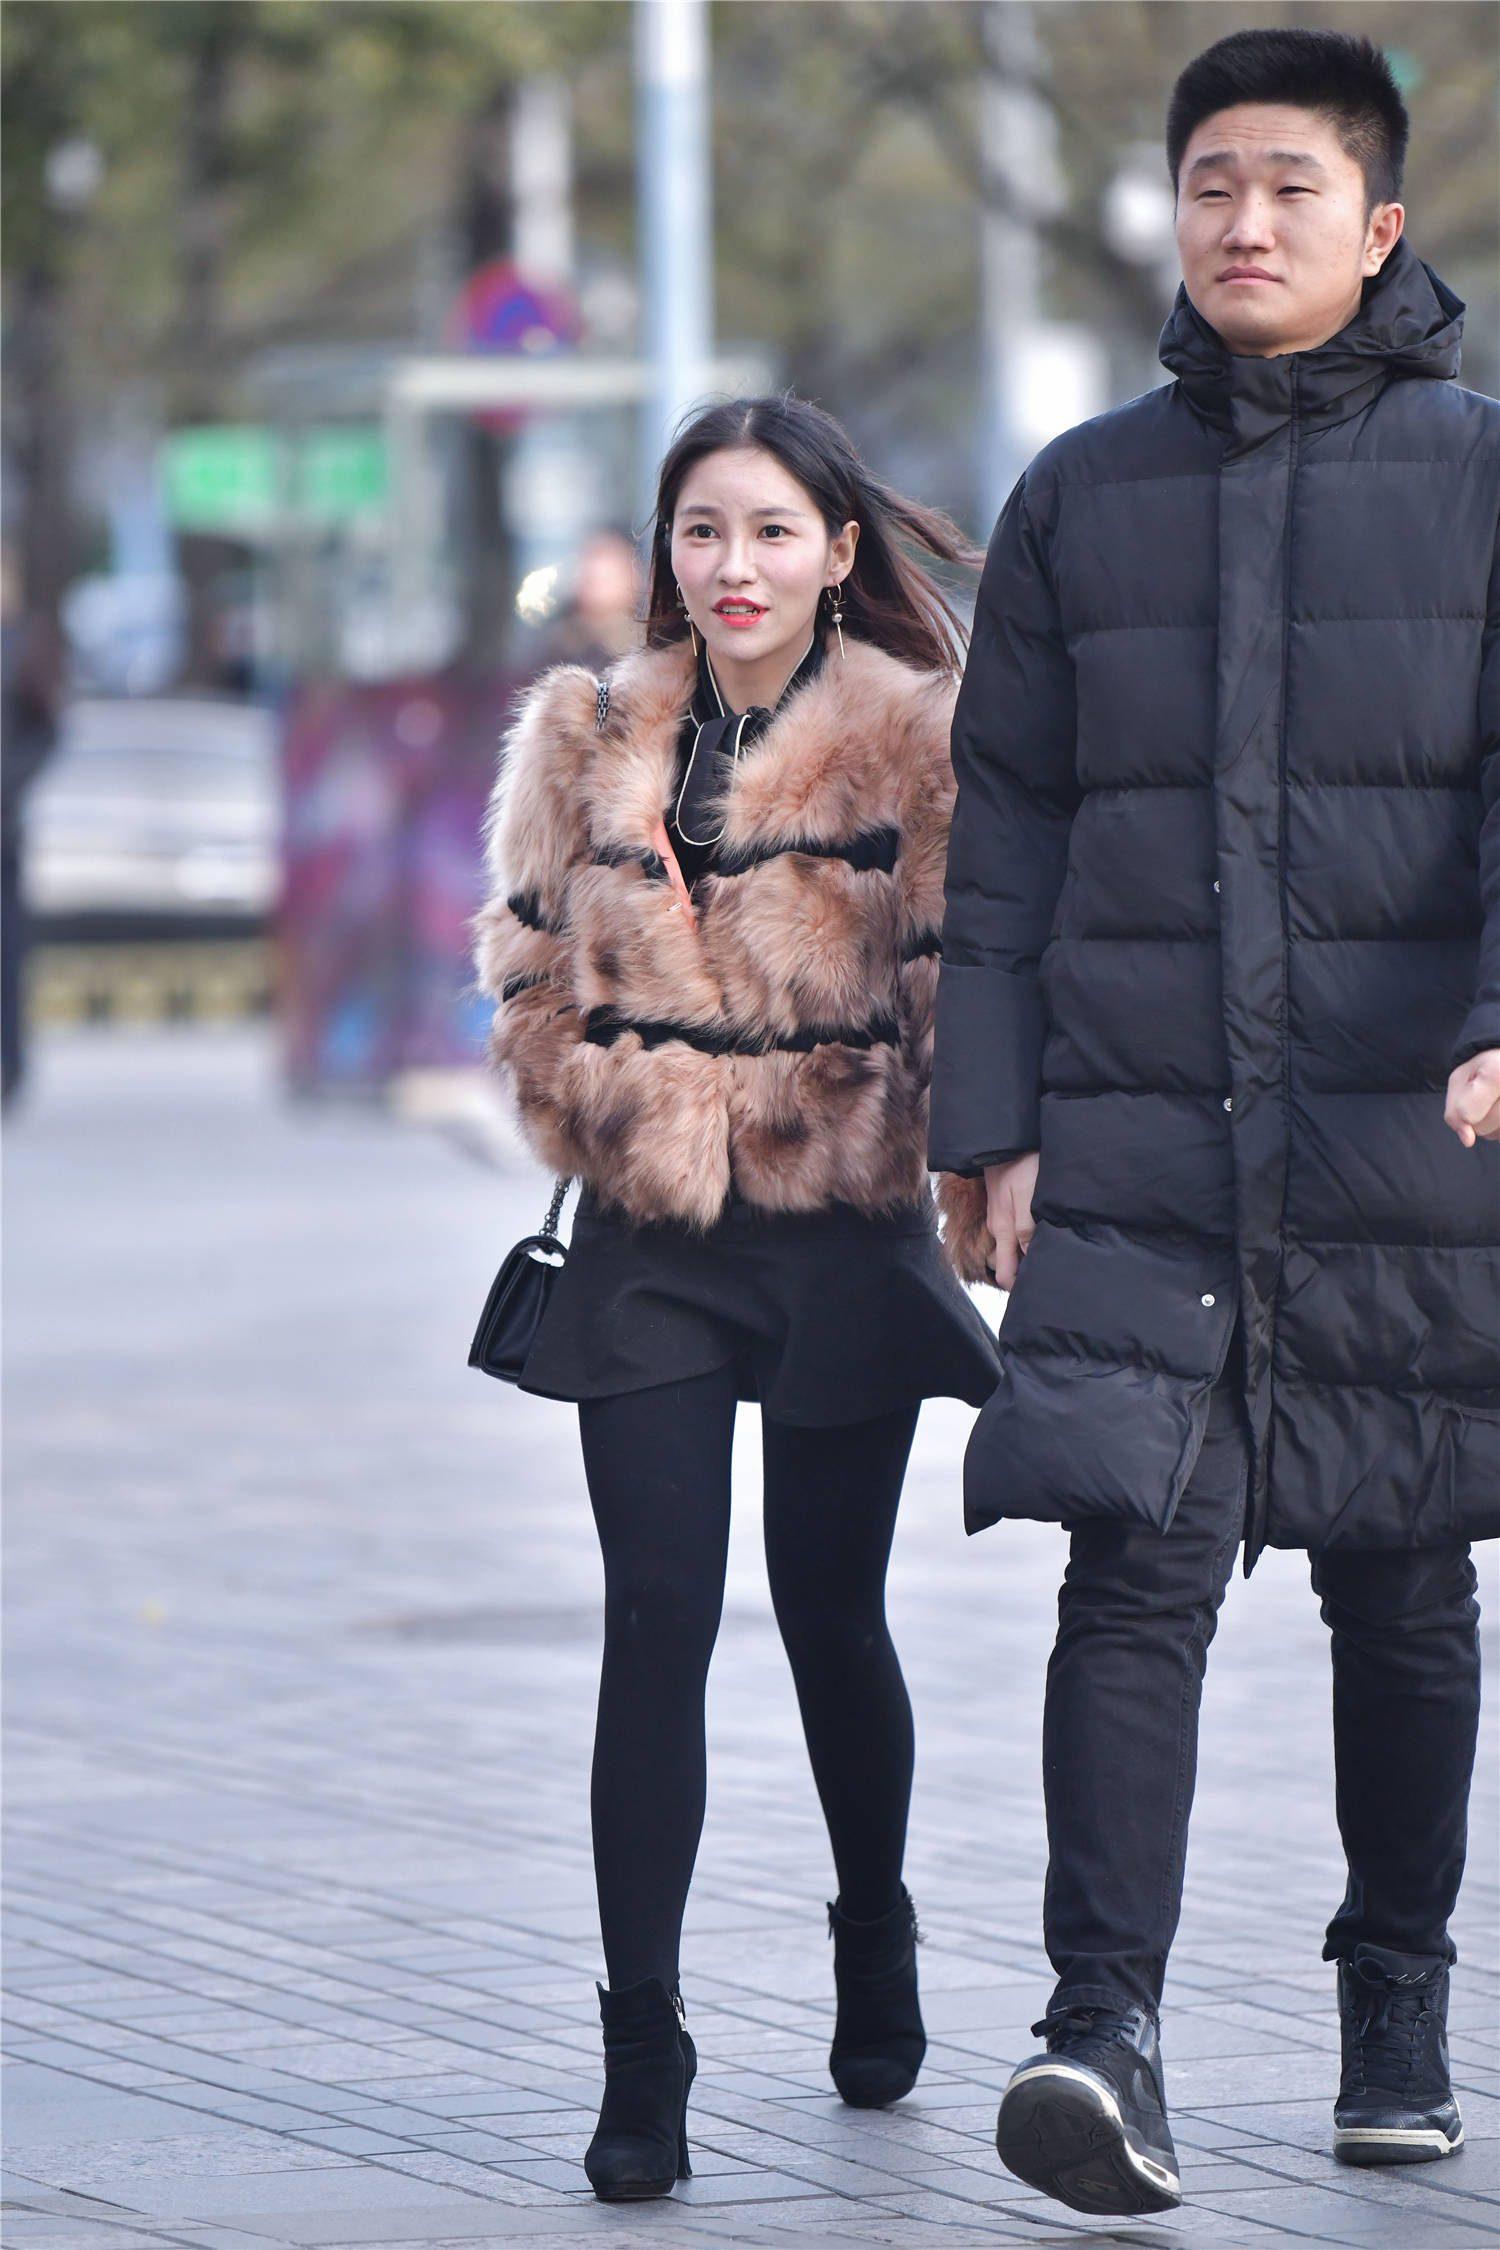 黑色打底裤搭配黑色的短裙,暖色的皮草,穿出冬季时尚味道